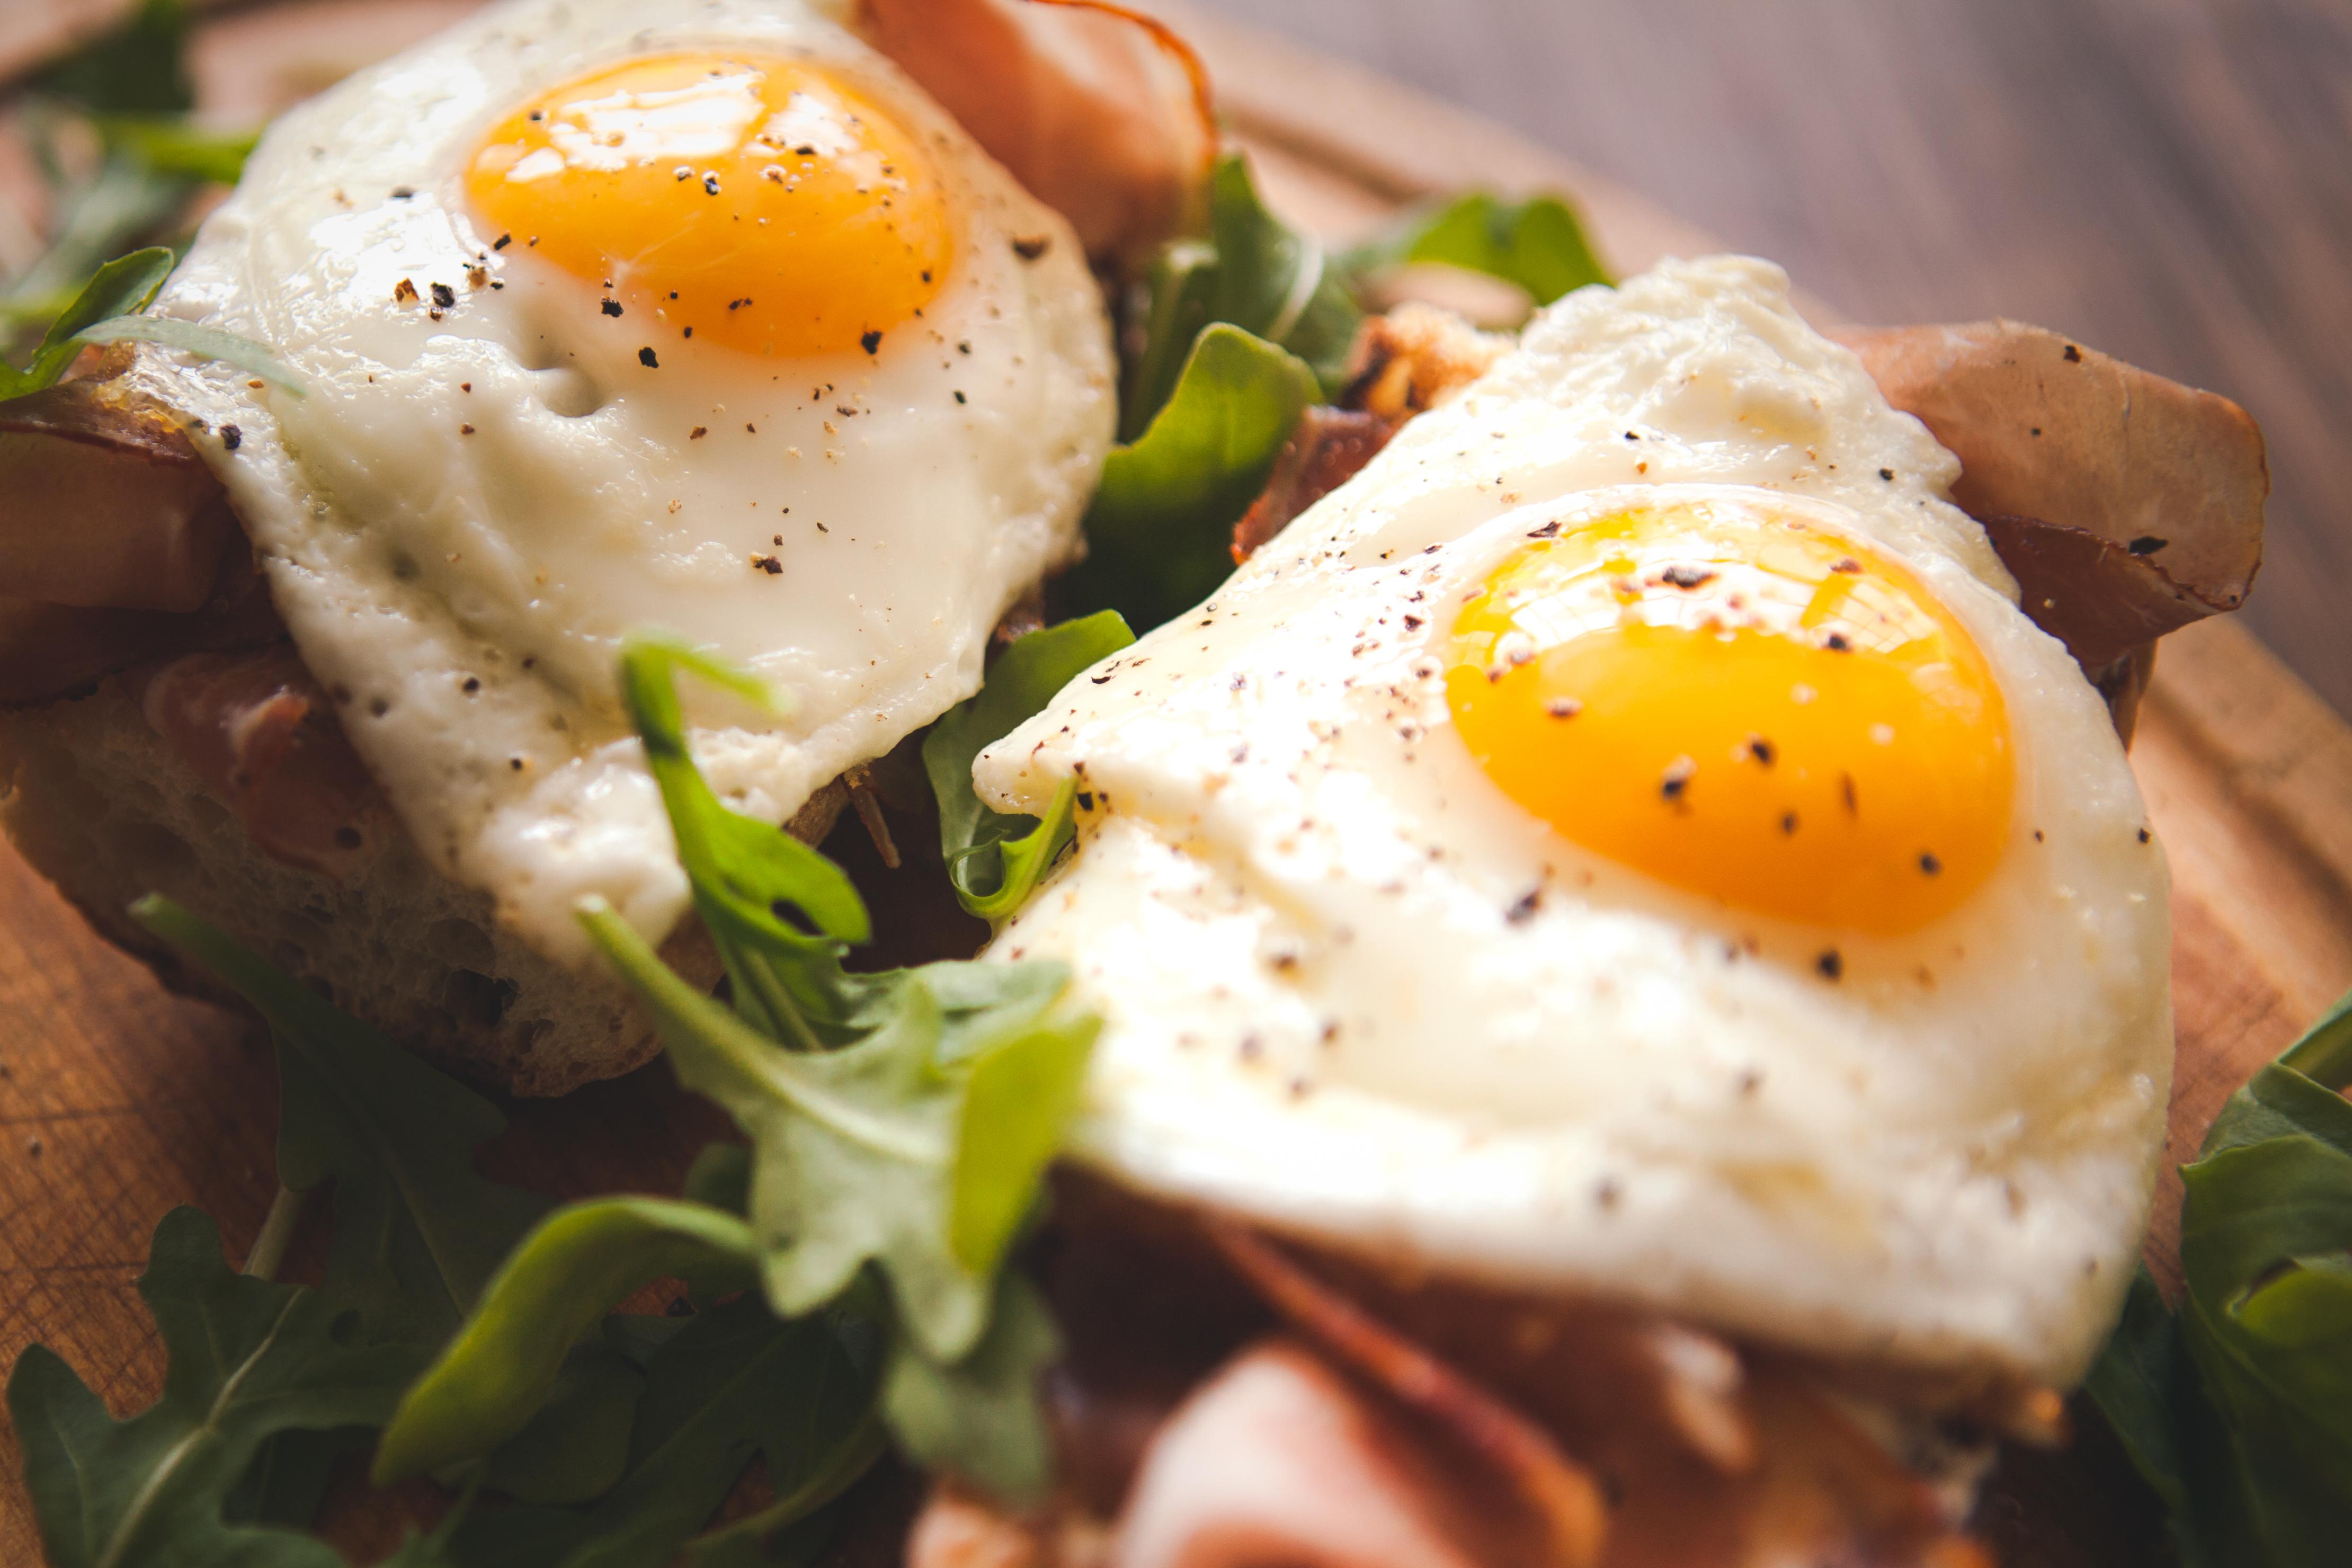 <p><strong>Яйца</strong></p>  <p>Те съдържат почти всички витамини и минерали, които са ни необходими дневно и са чудесен източник на протеини.</p>